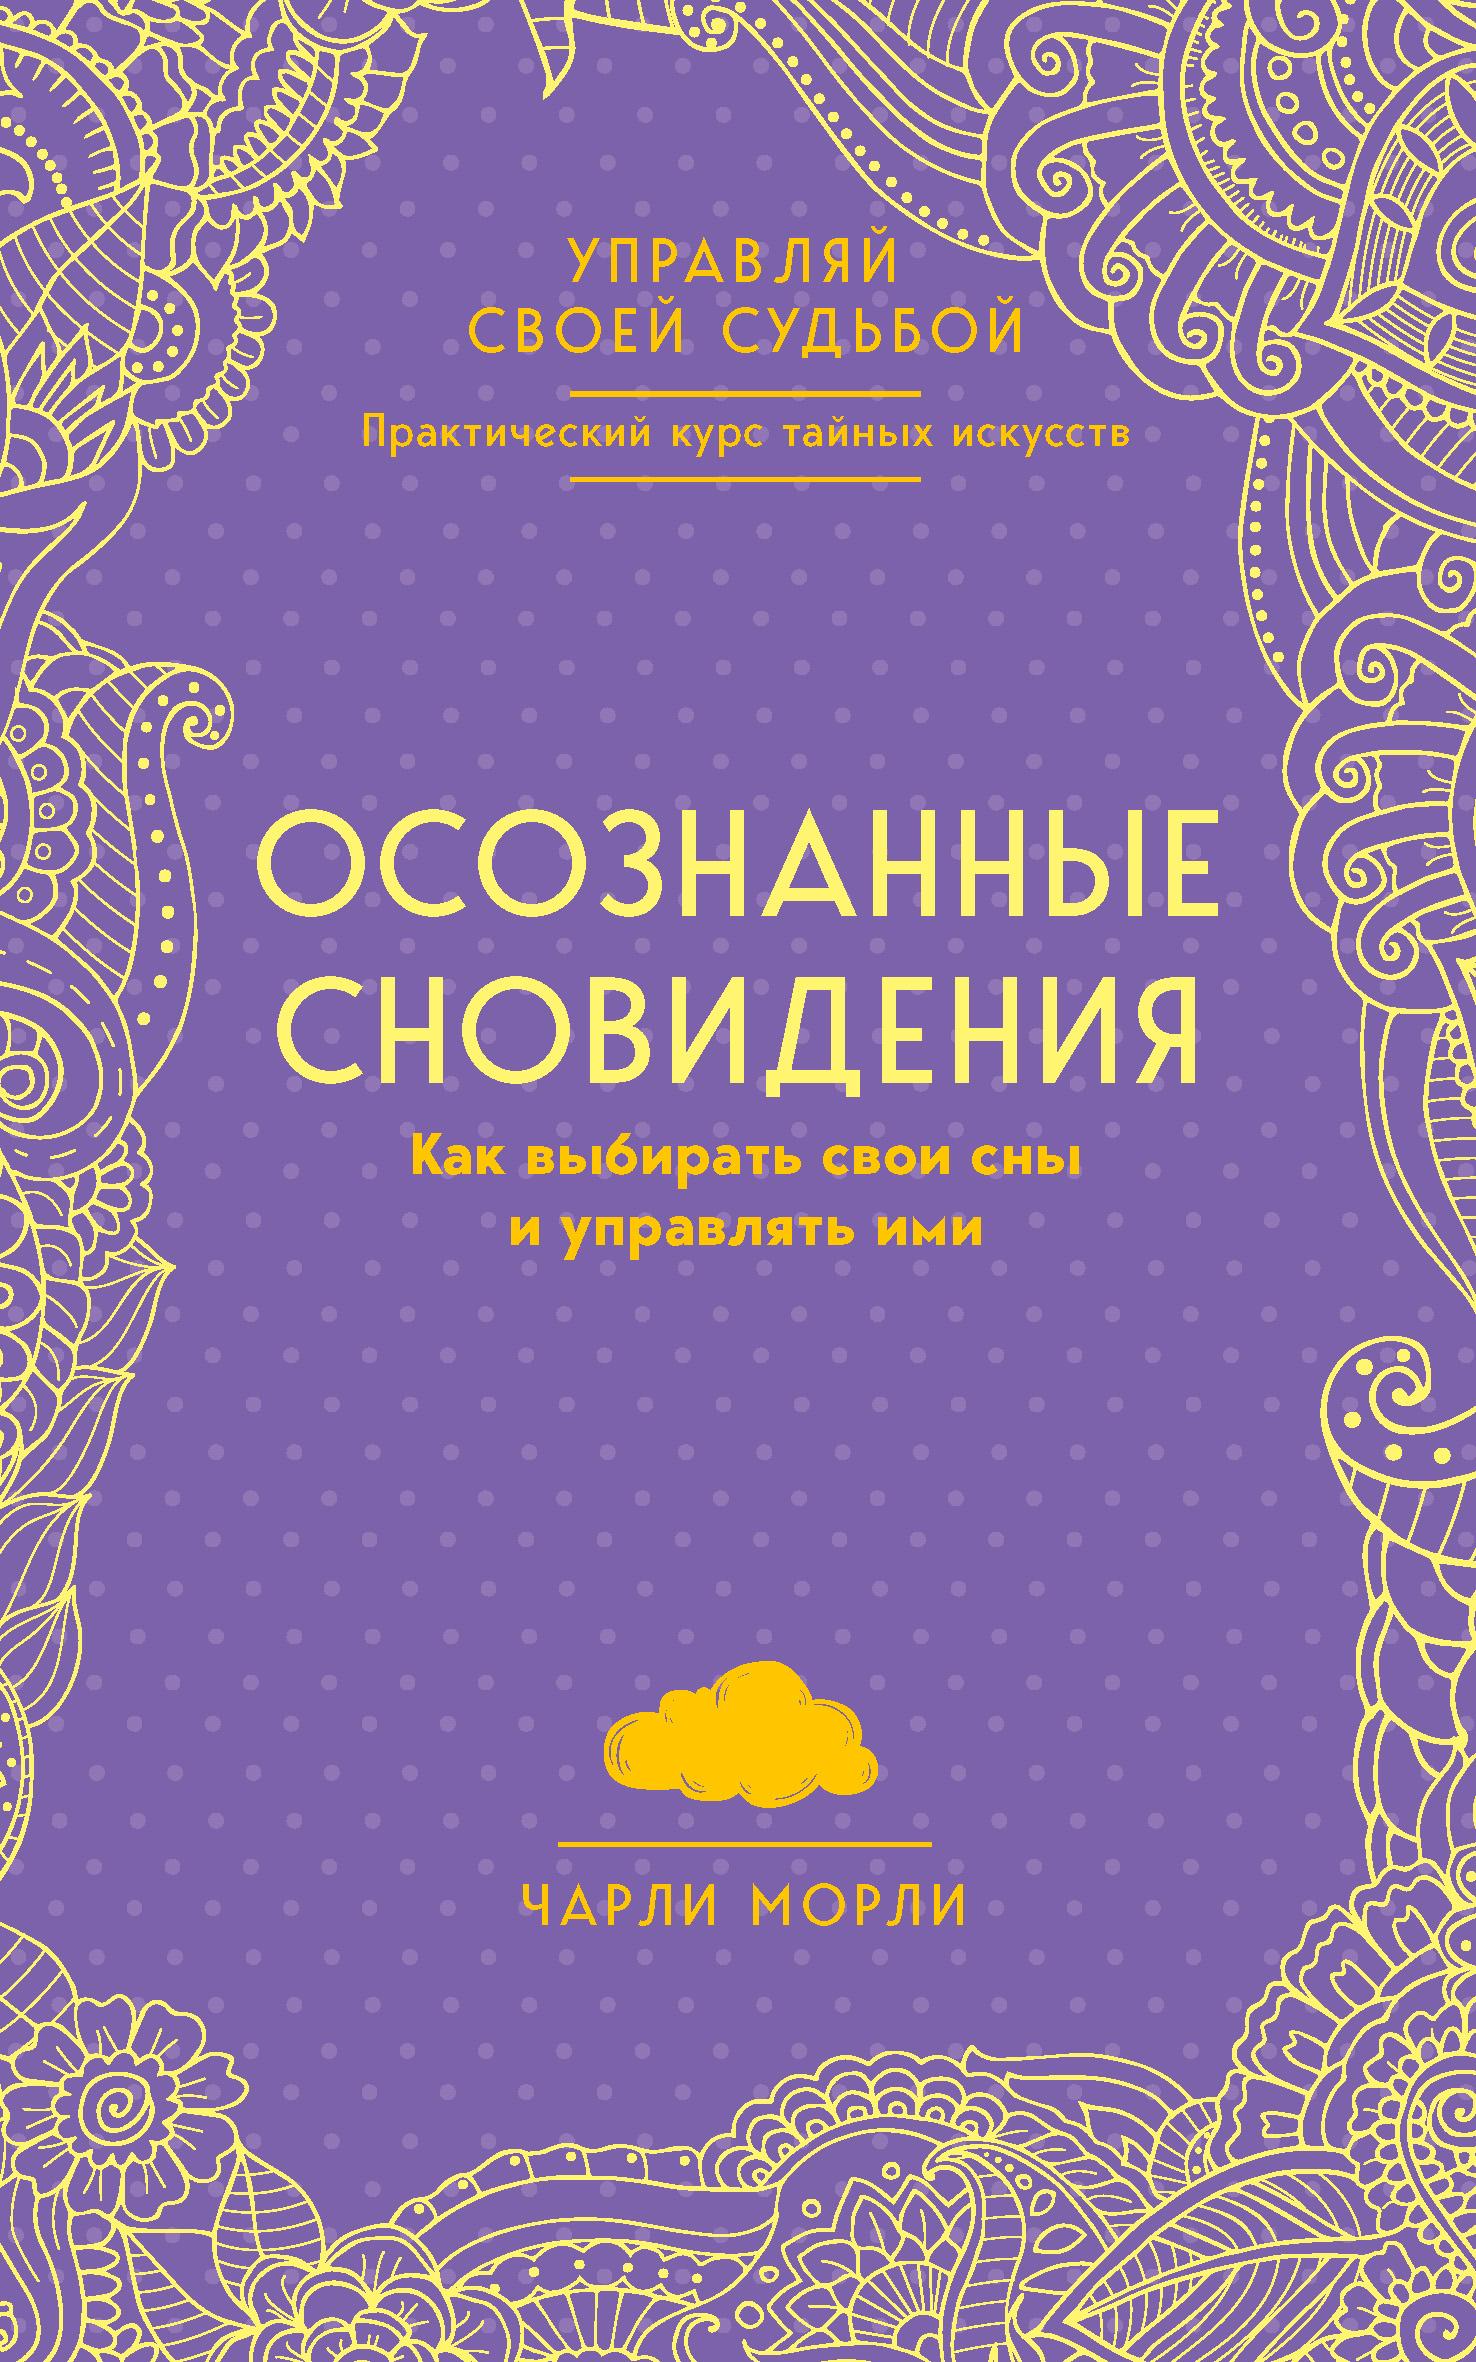 Книга Осознанные сновидения. Как выбирать свои сны и управлять ими, автор: Чарли Морли